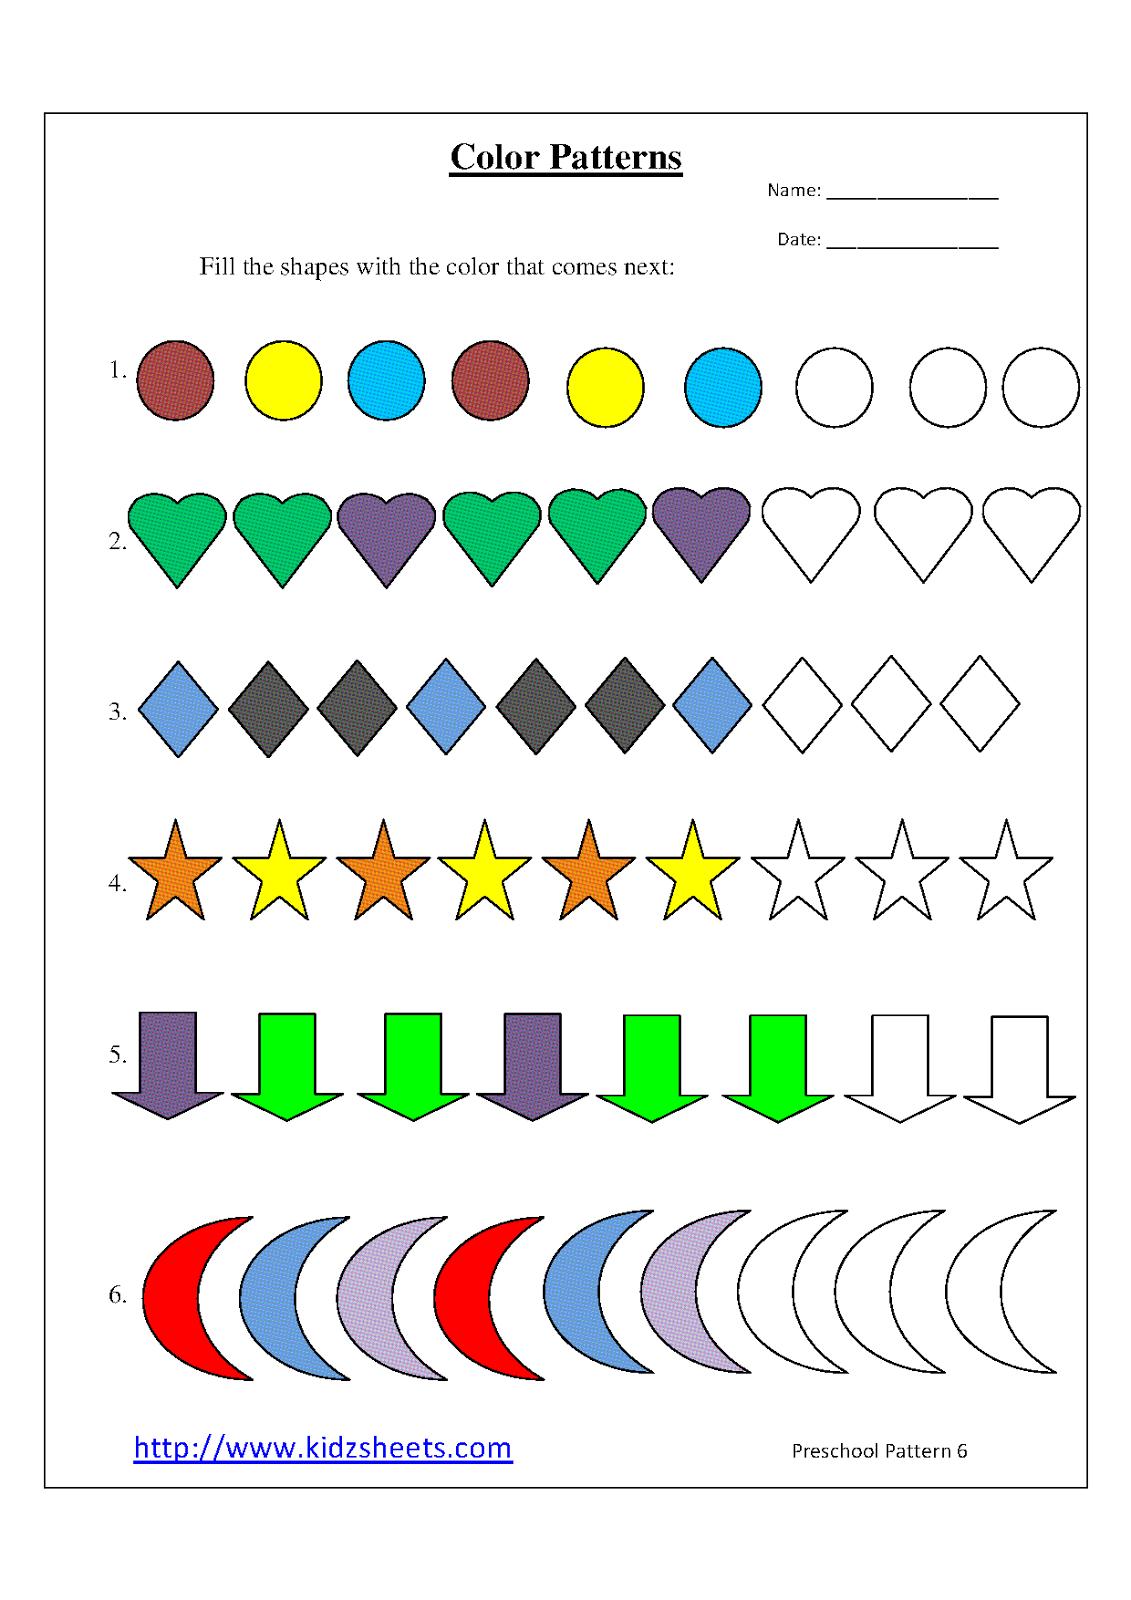 kidz worksheets preschool color patterns worksheet6. Black Bedroom Furniture Sets. Home Design Ideas